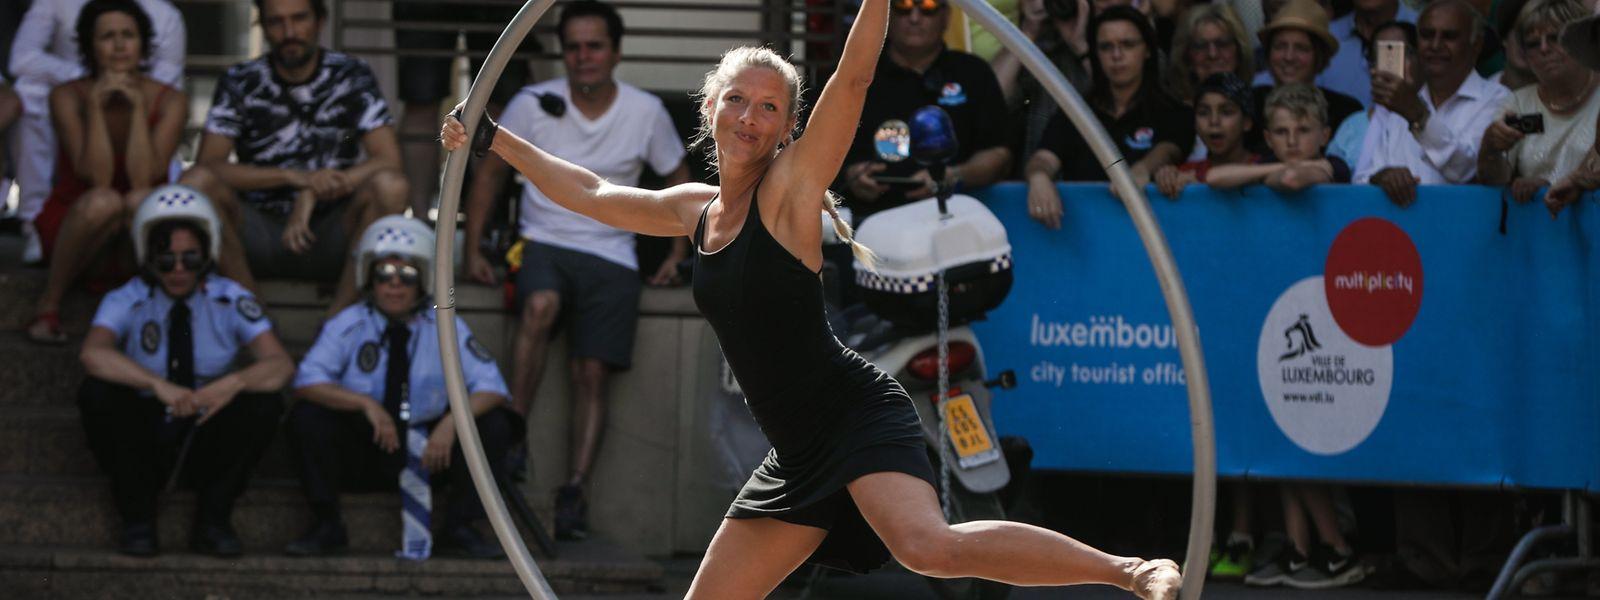 Akrobatik, musikalische Darbietungen und Showeinlagen ziehen die Besucher in ihren Bann.